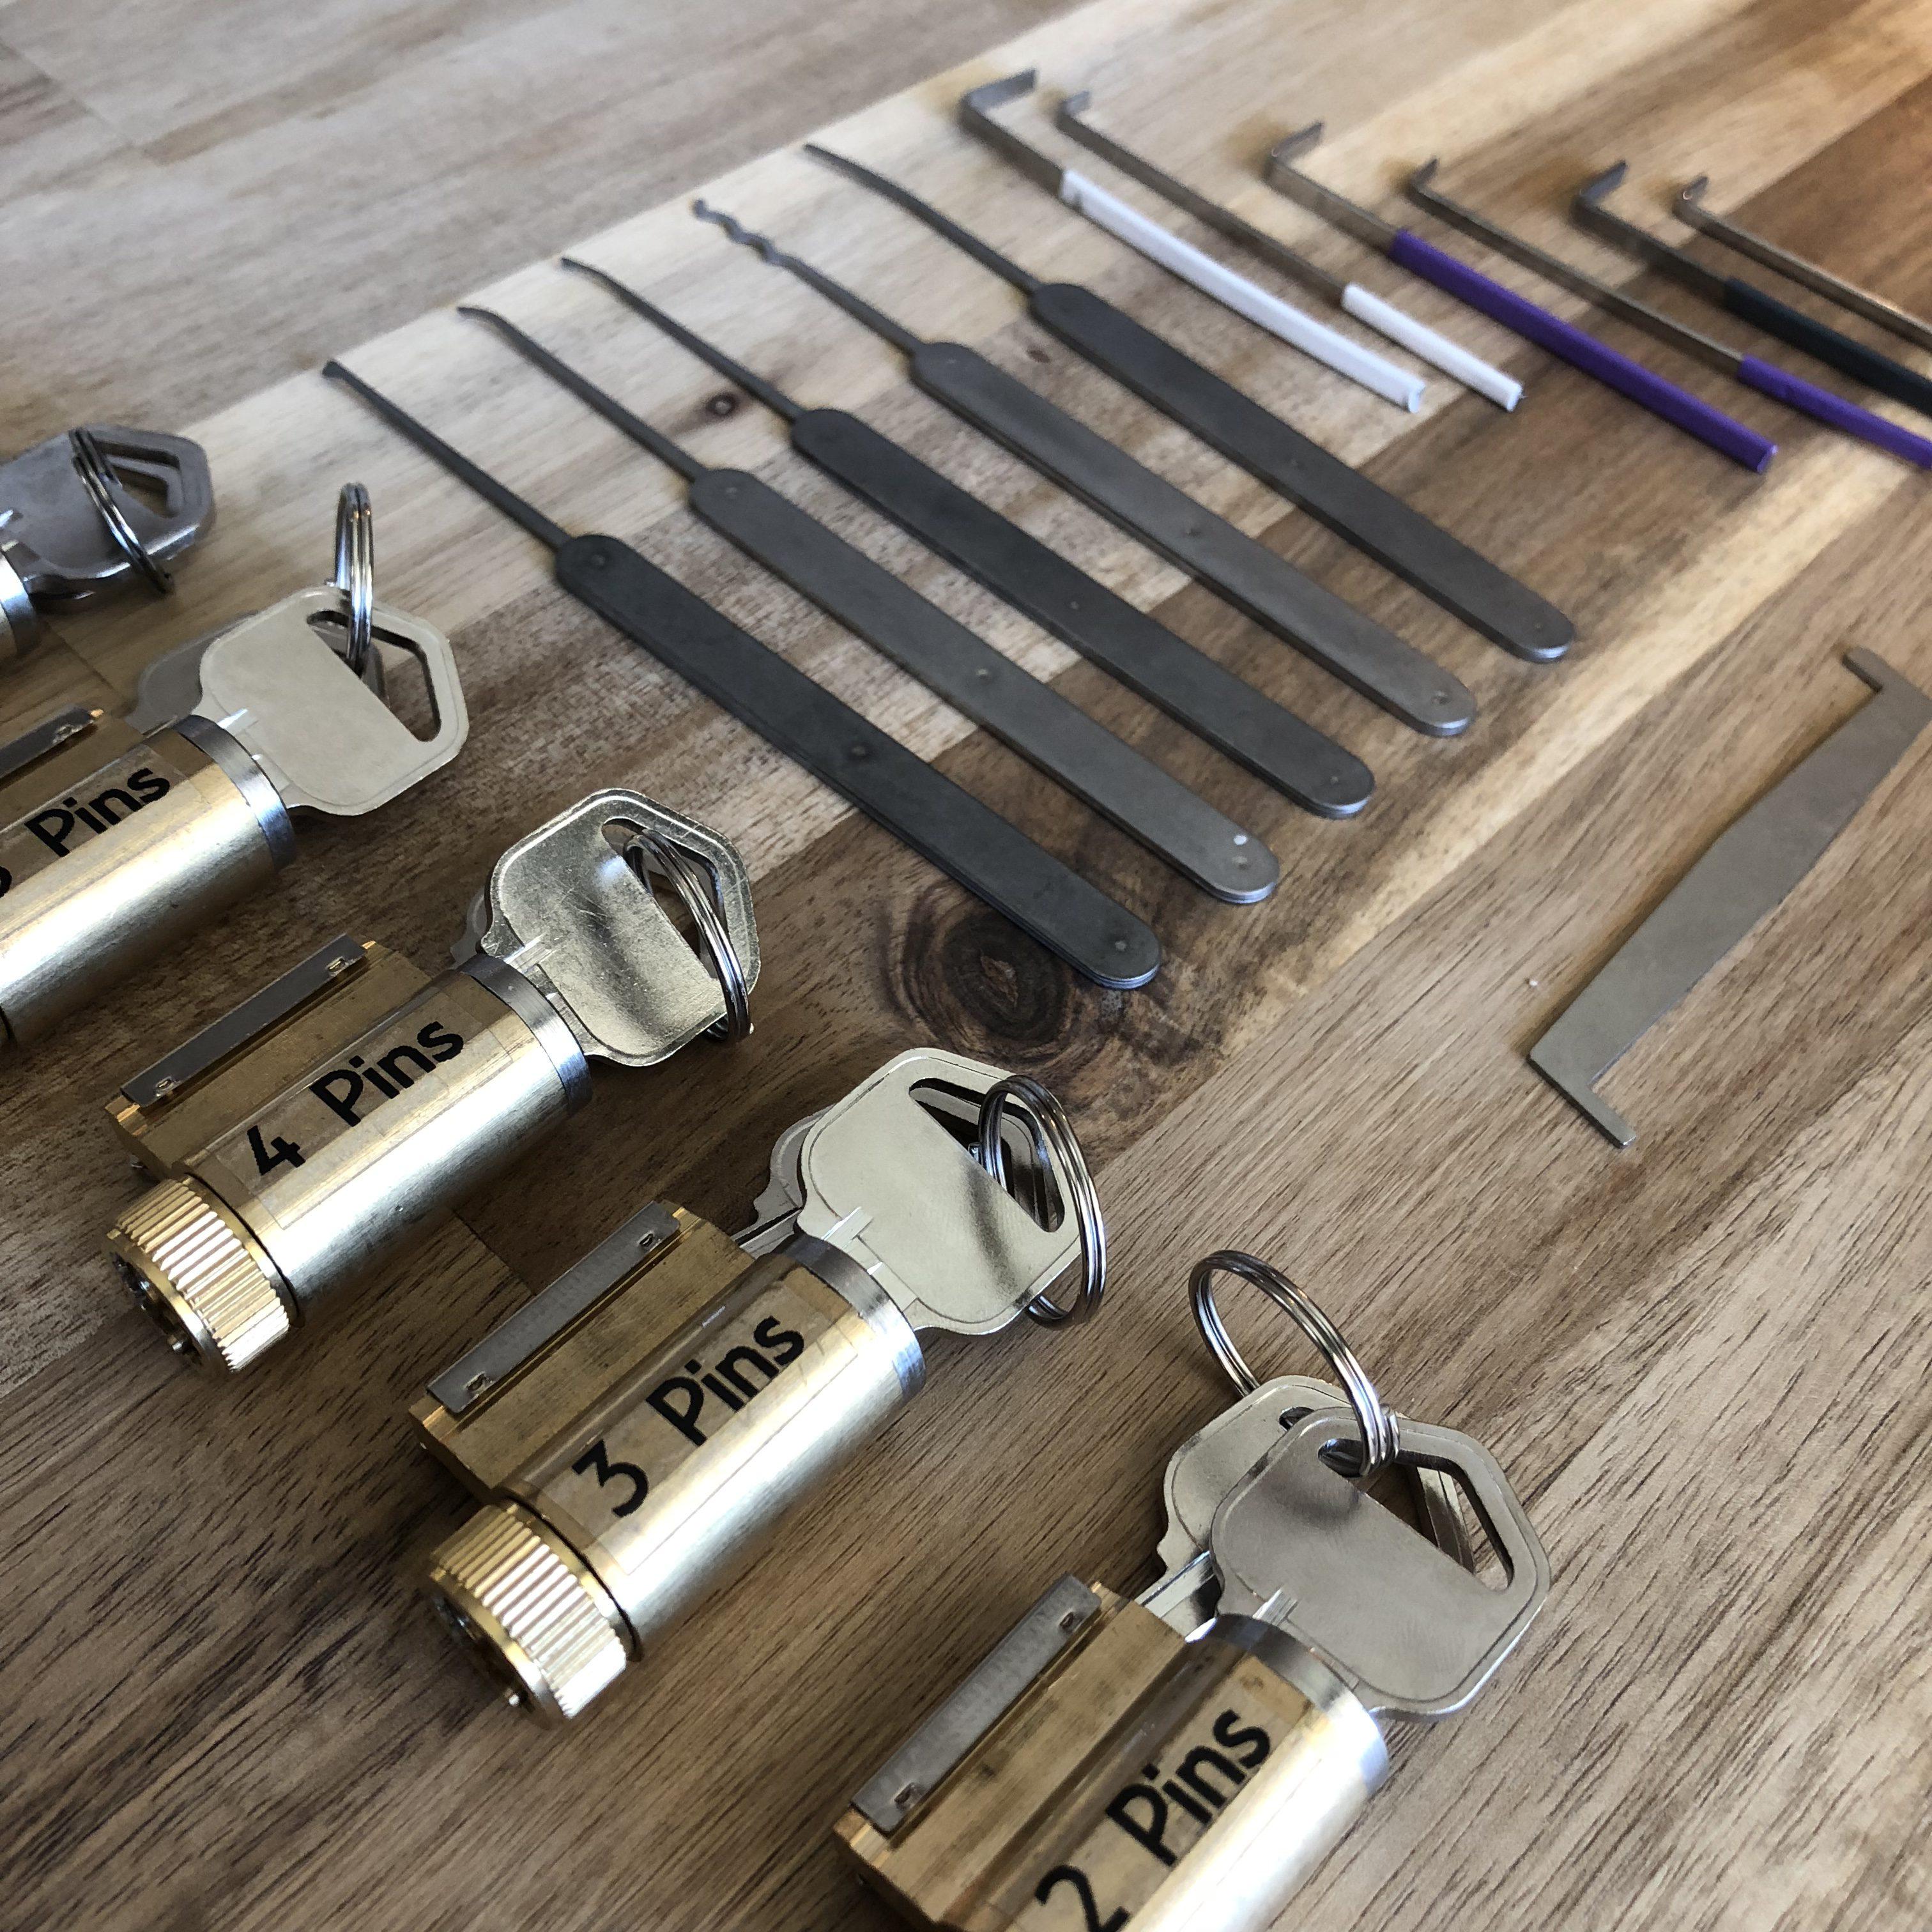 Lockpick Training Kit - Lockpick Extreme